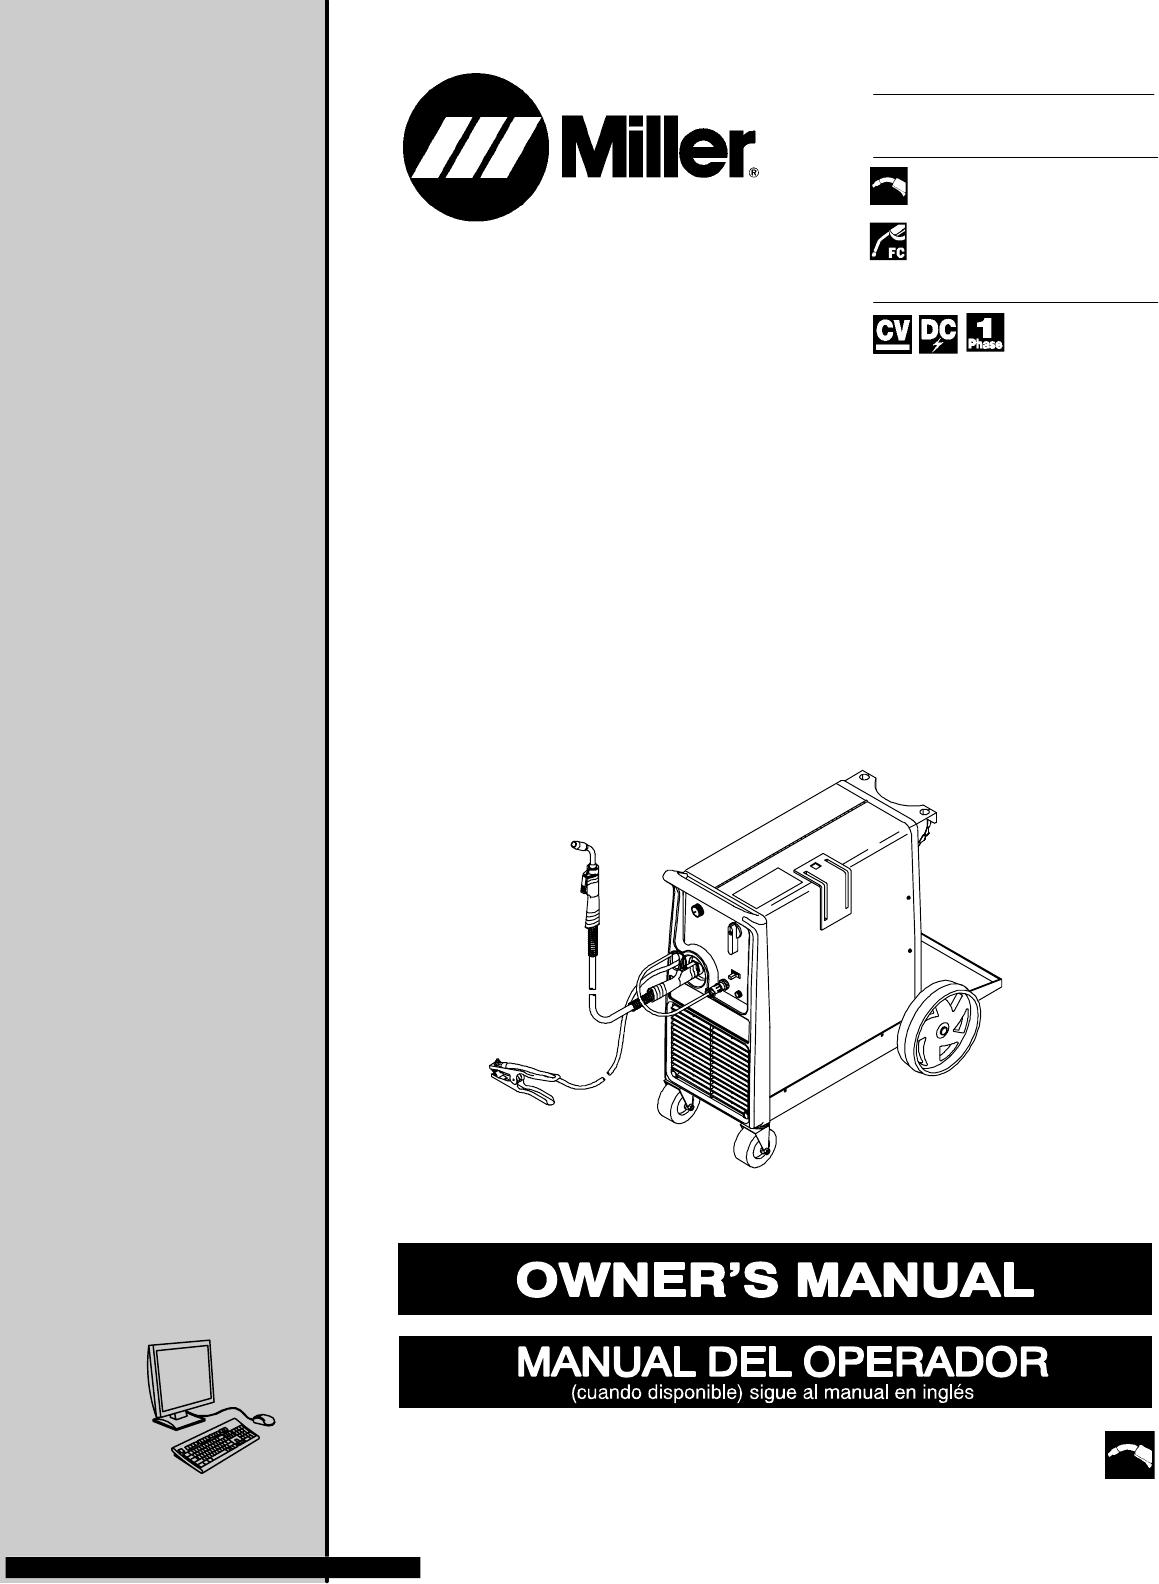 Miller Electric Millermatic 210 Owners Manual Manualslib